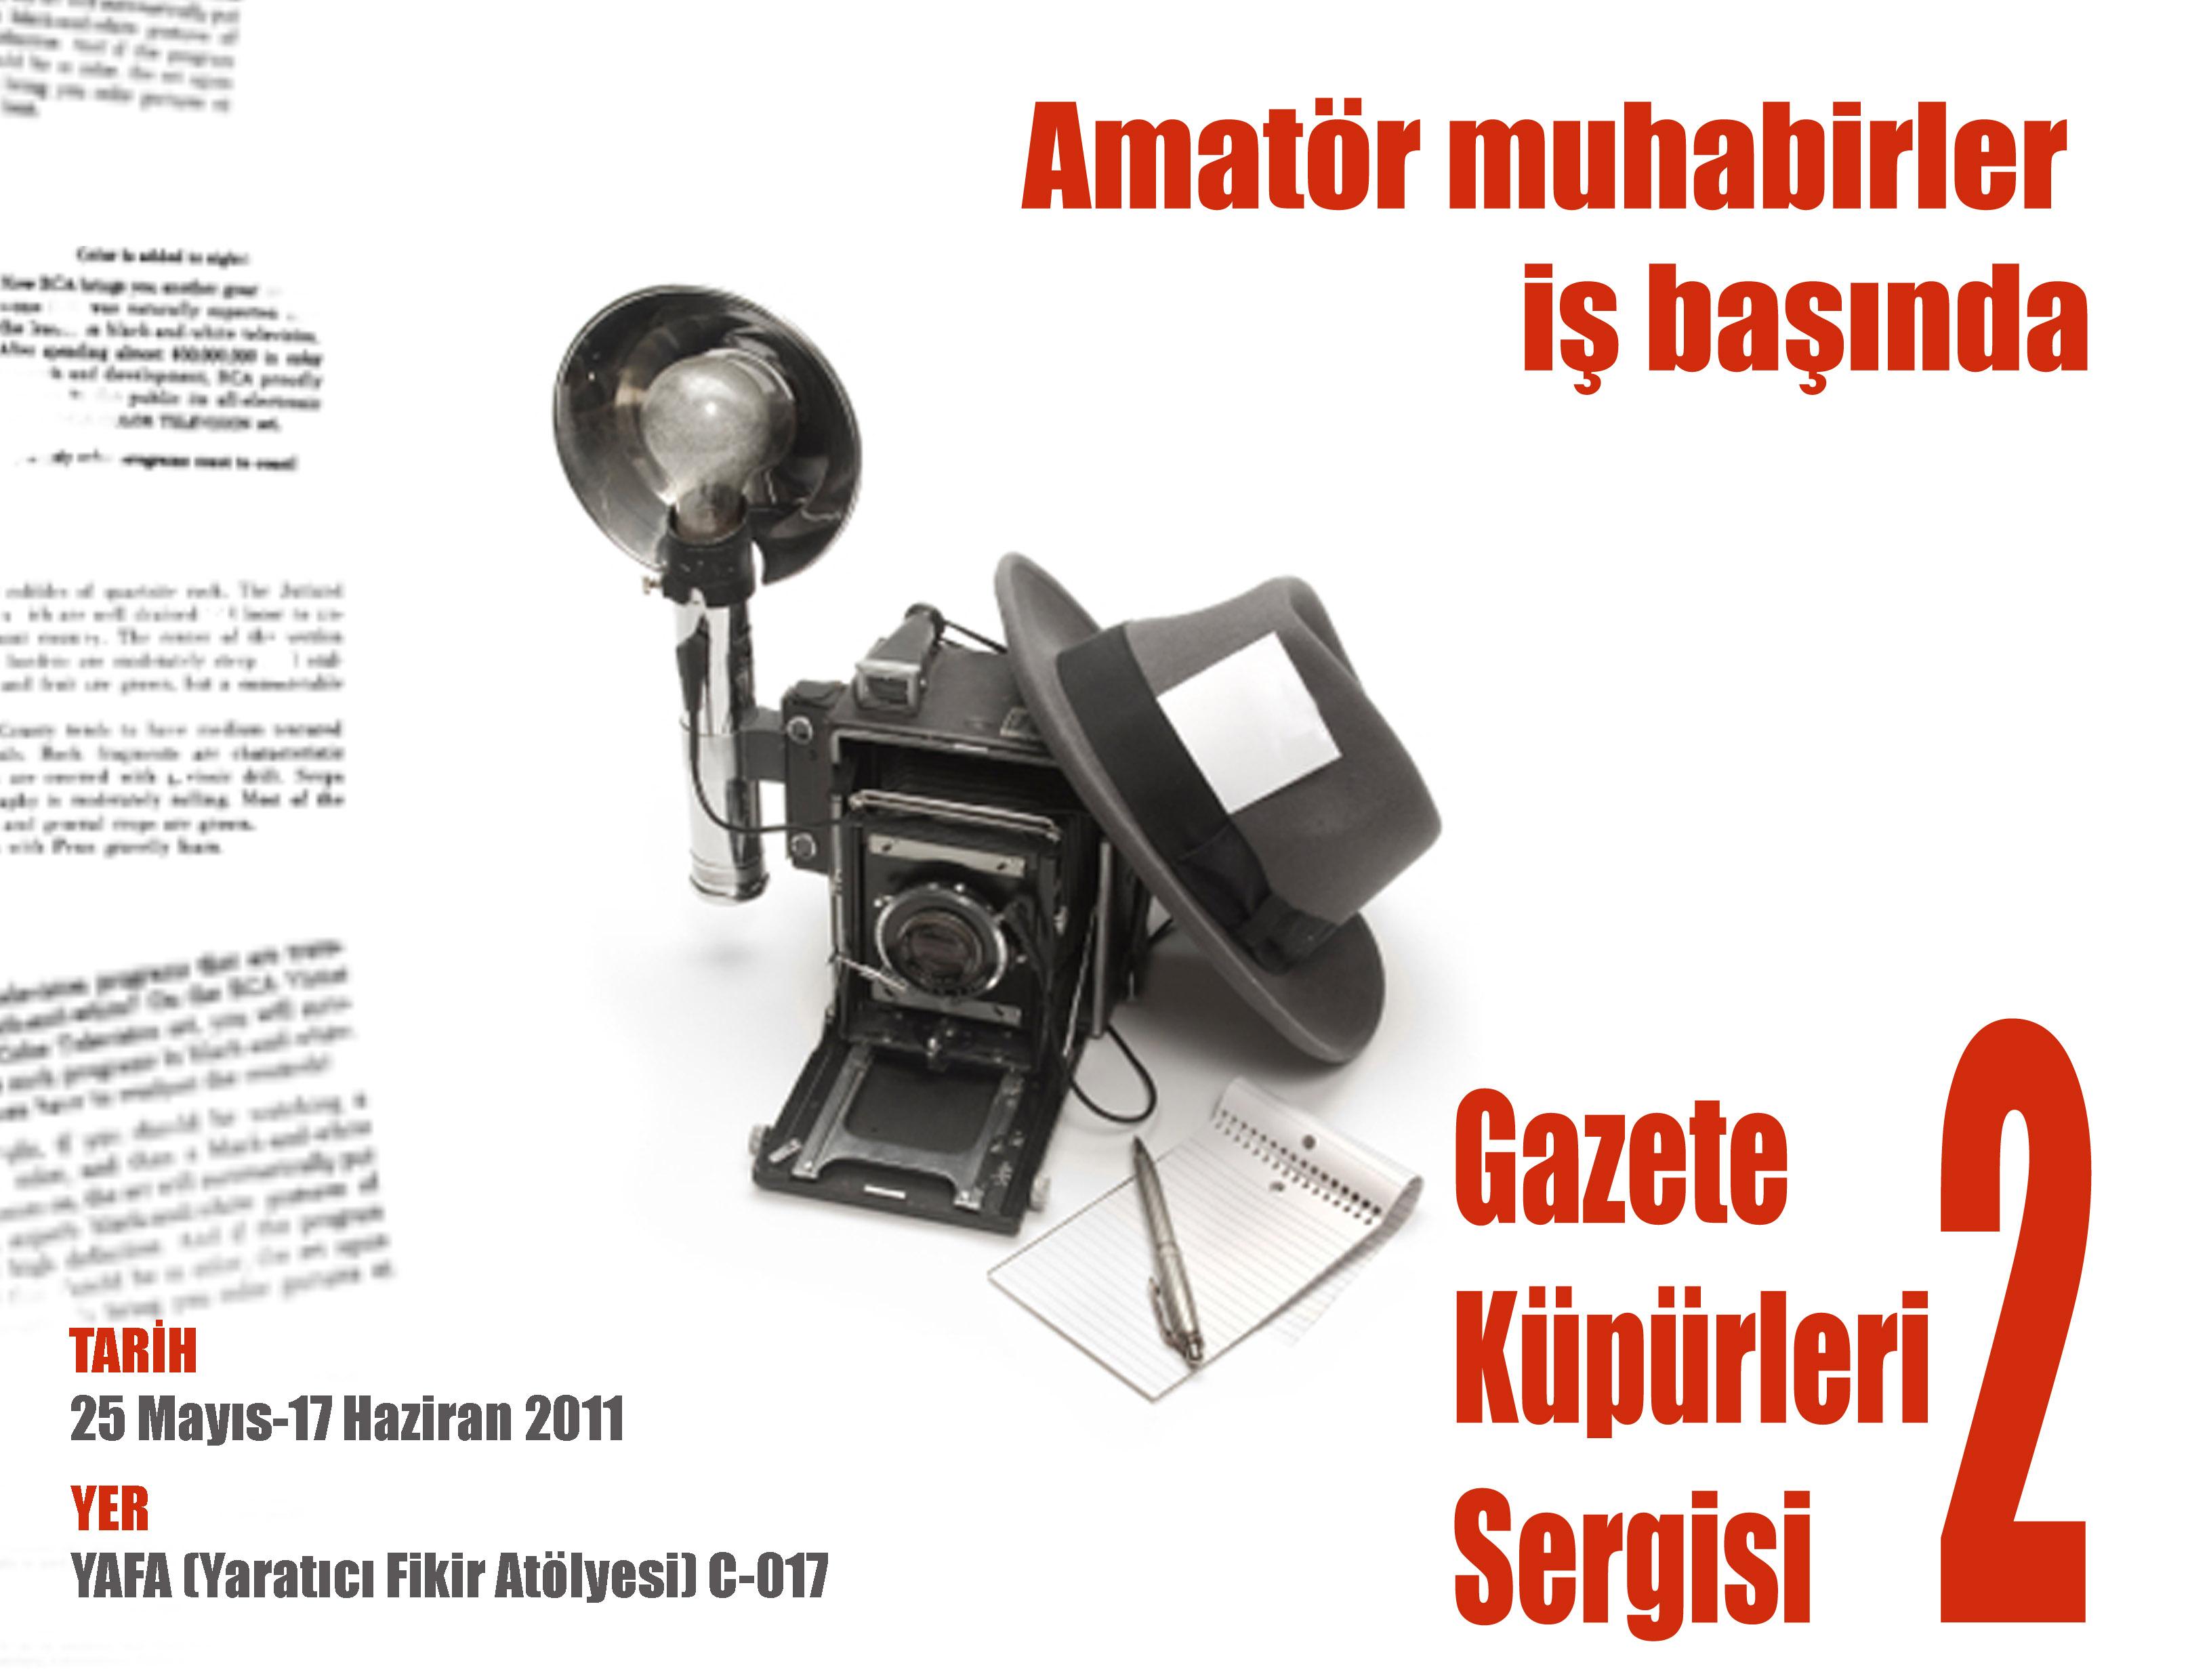 Gazete Küpürleri Sergisi